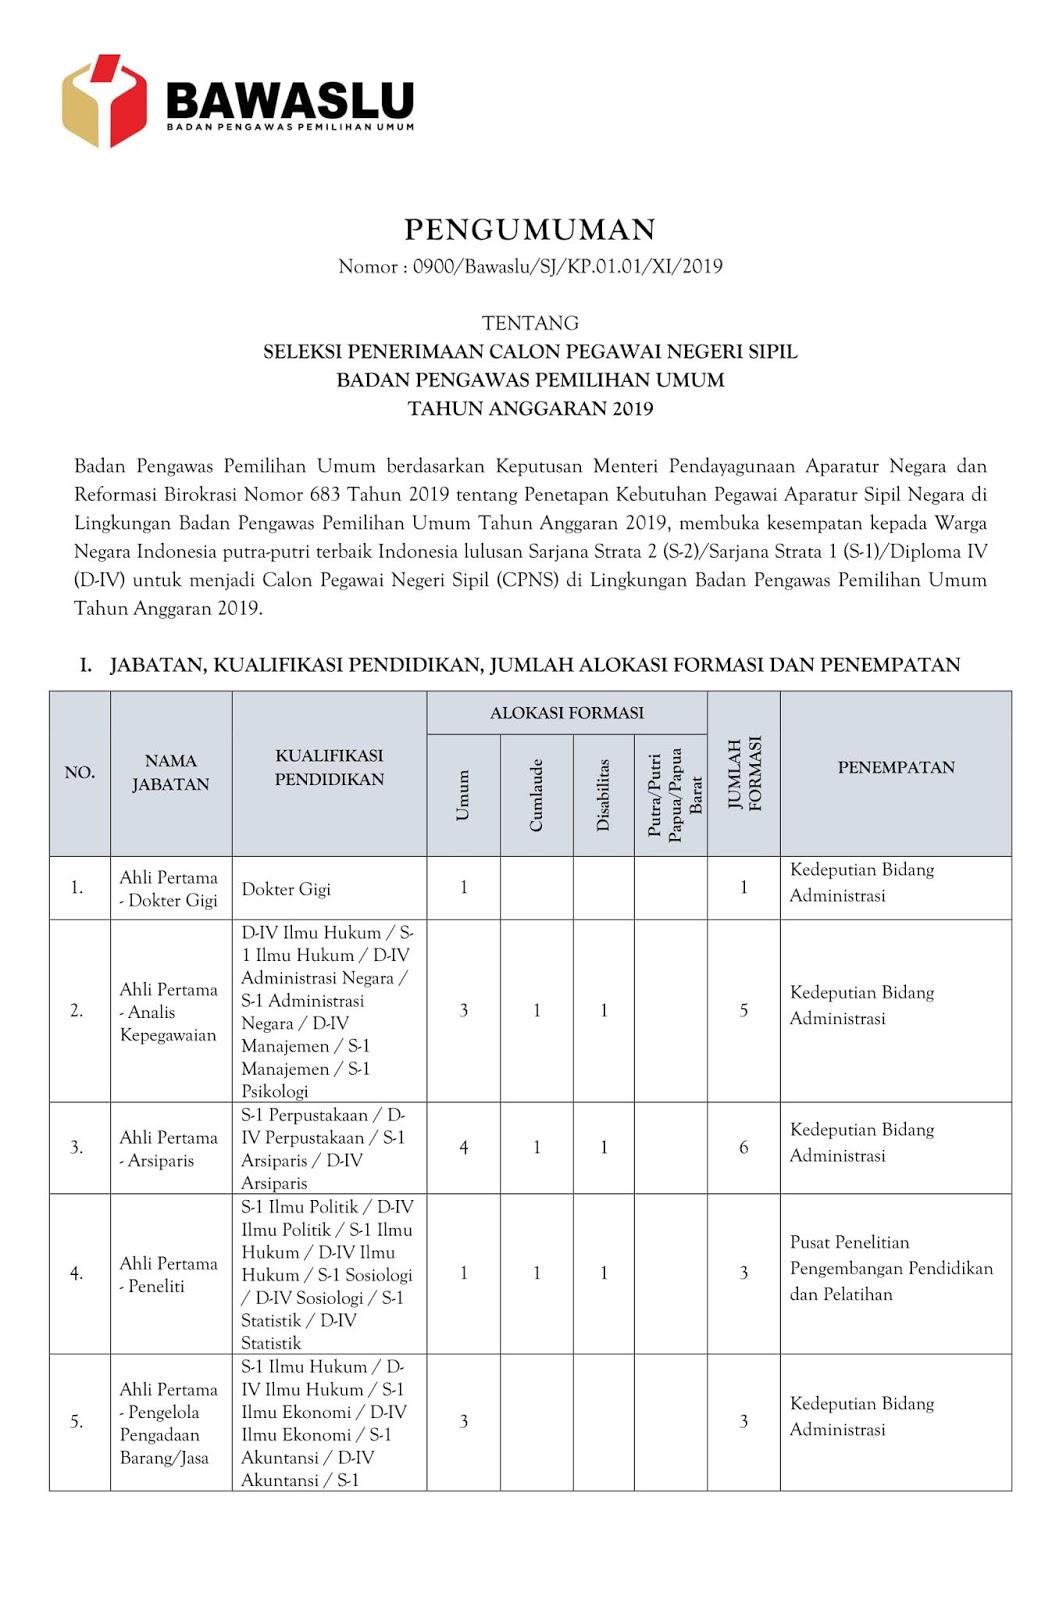 Penerimaan CPNS Badan Pengawas Pemilihan Umum Tahun Anggaran 2019 [319 Formasi]